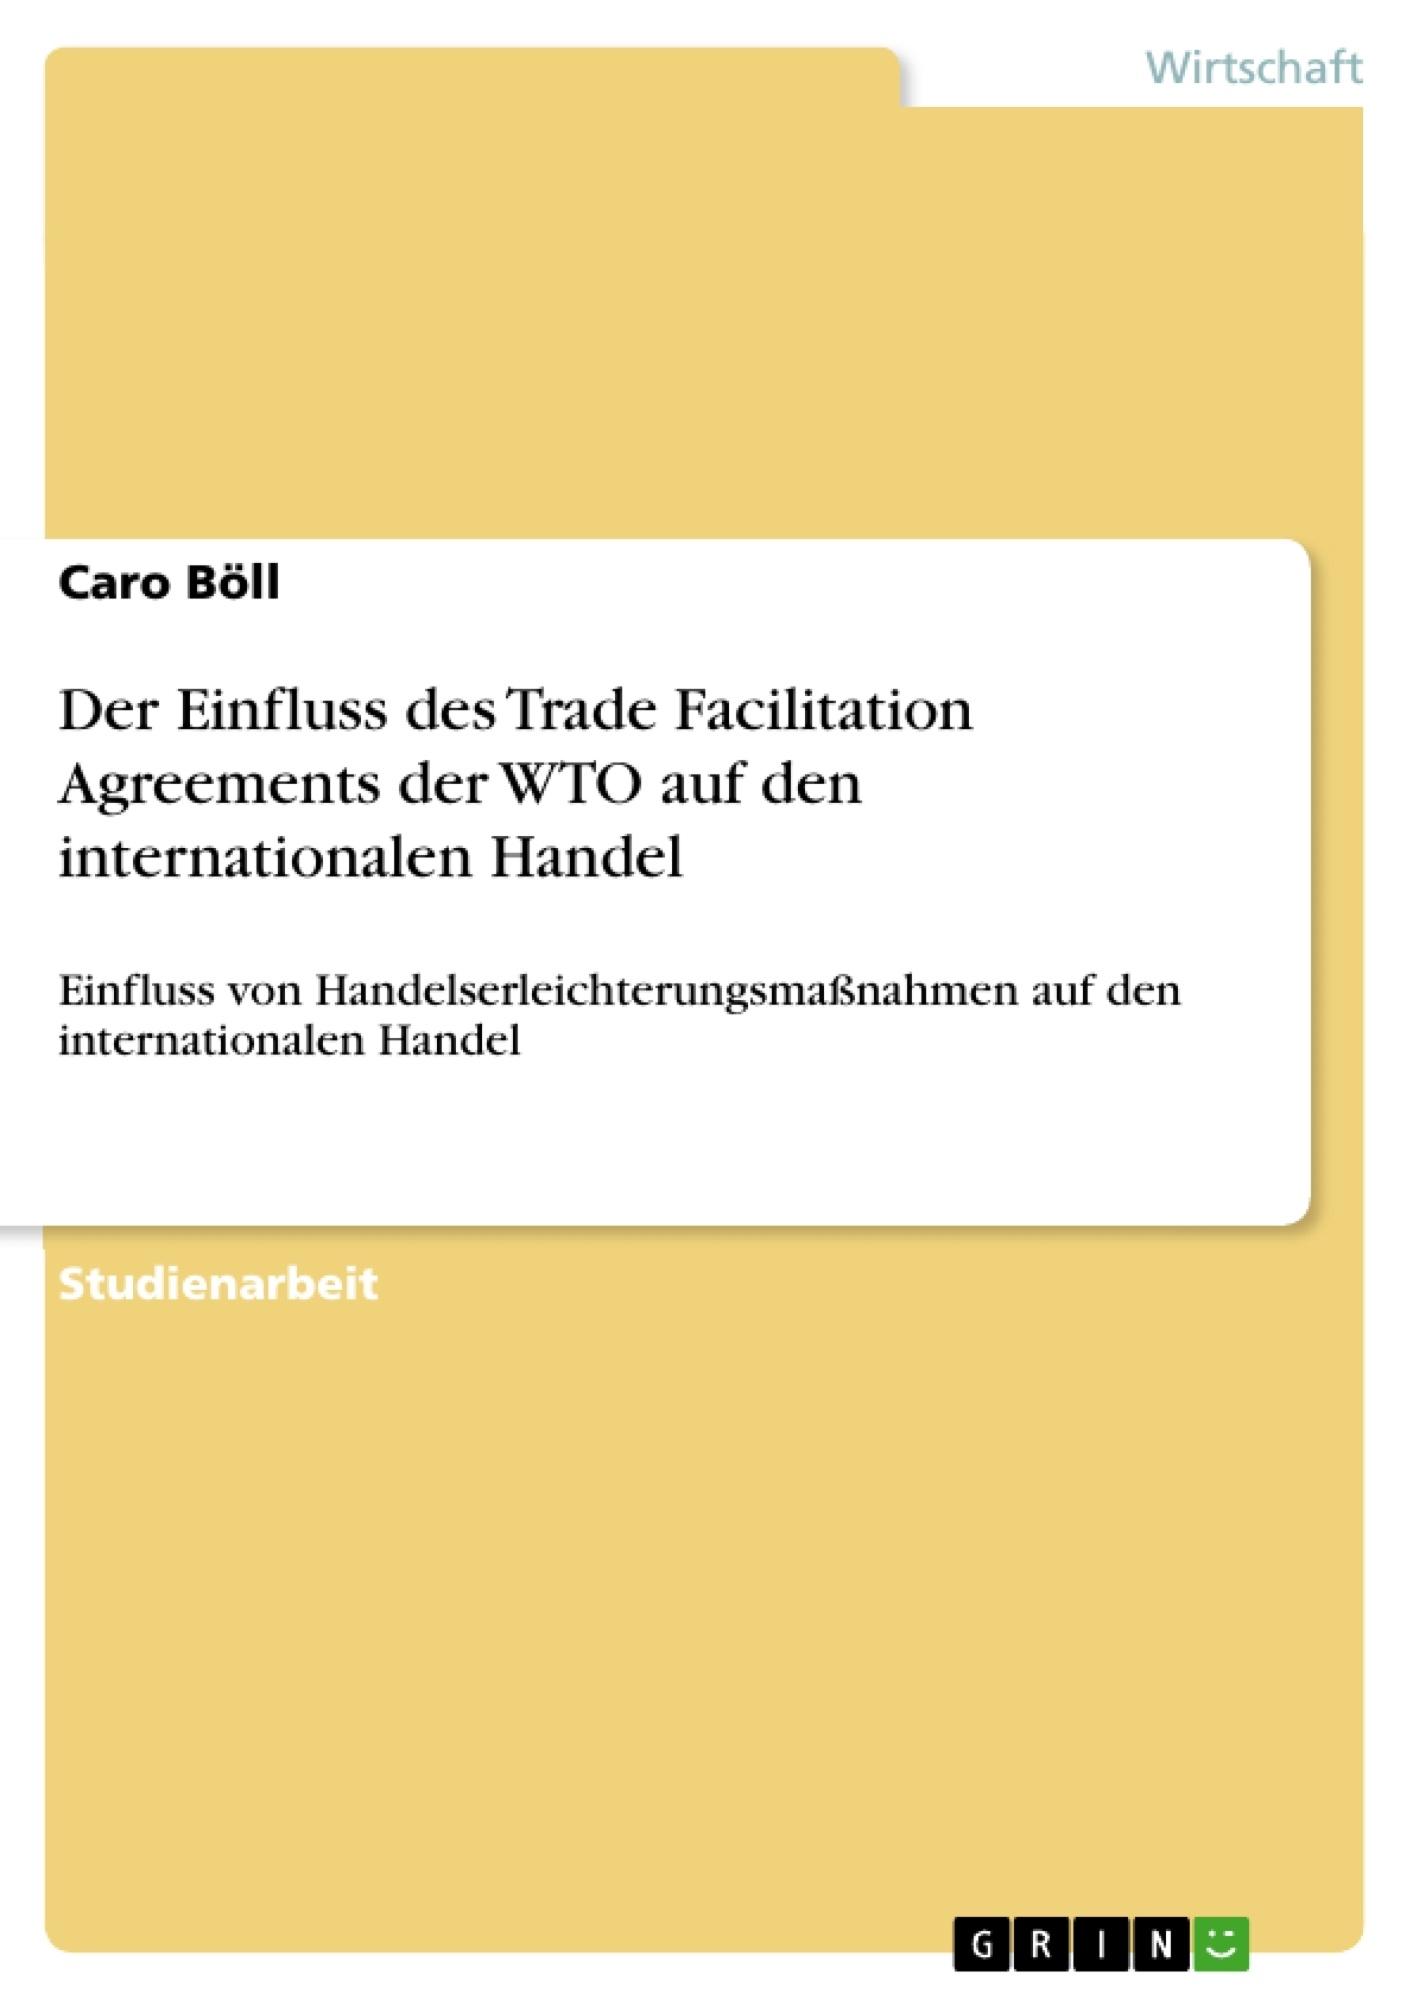 Titel: Der Einfluss des Trade Facilitation Agreements der WTO auf den internationalen Handel